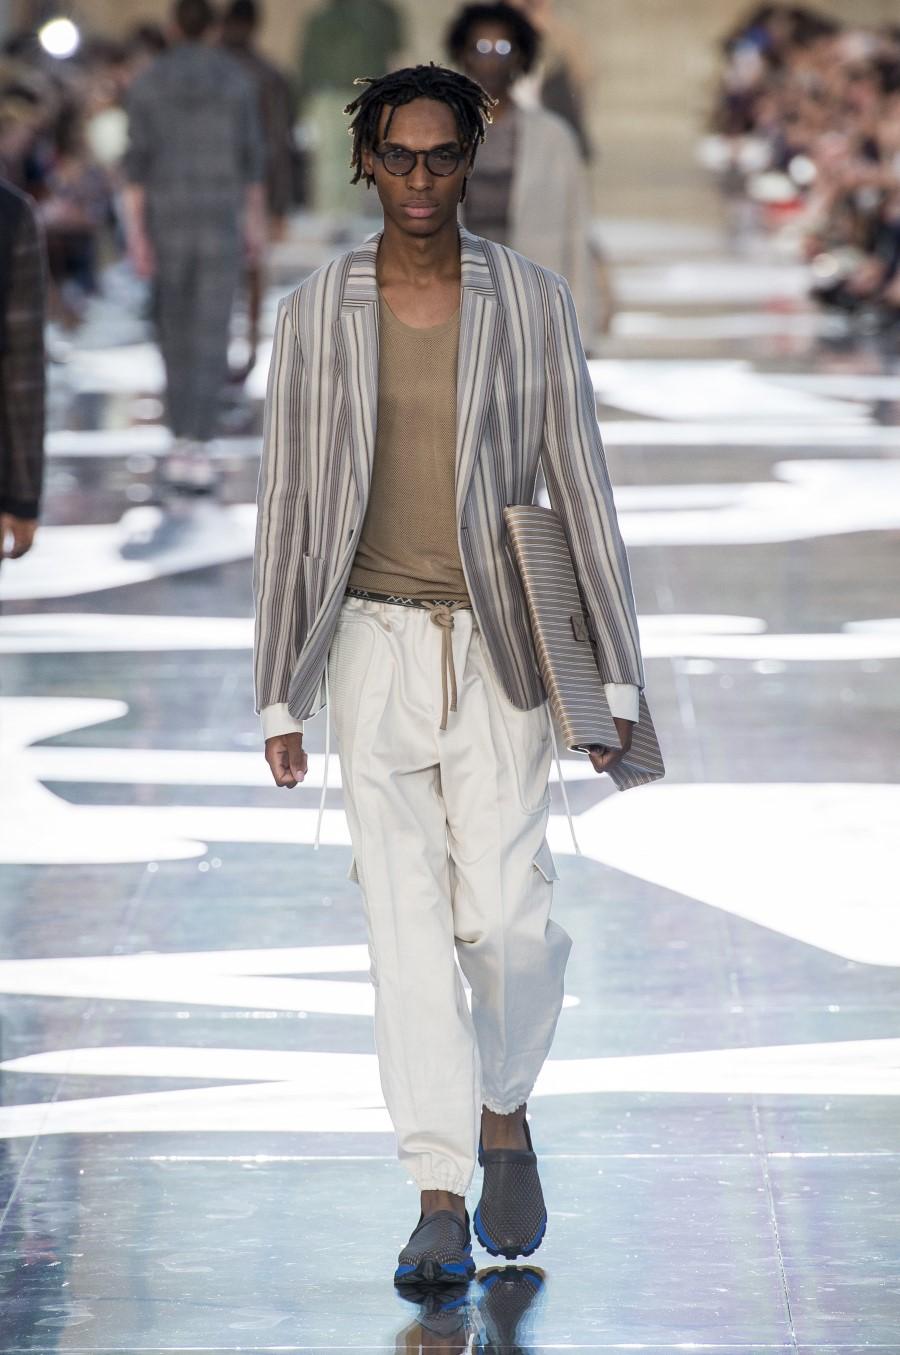 Ermenegildo Zegna Printemps-Été 2019 - Milano Moda Uomo